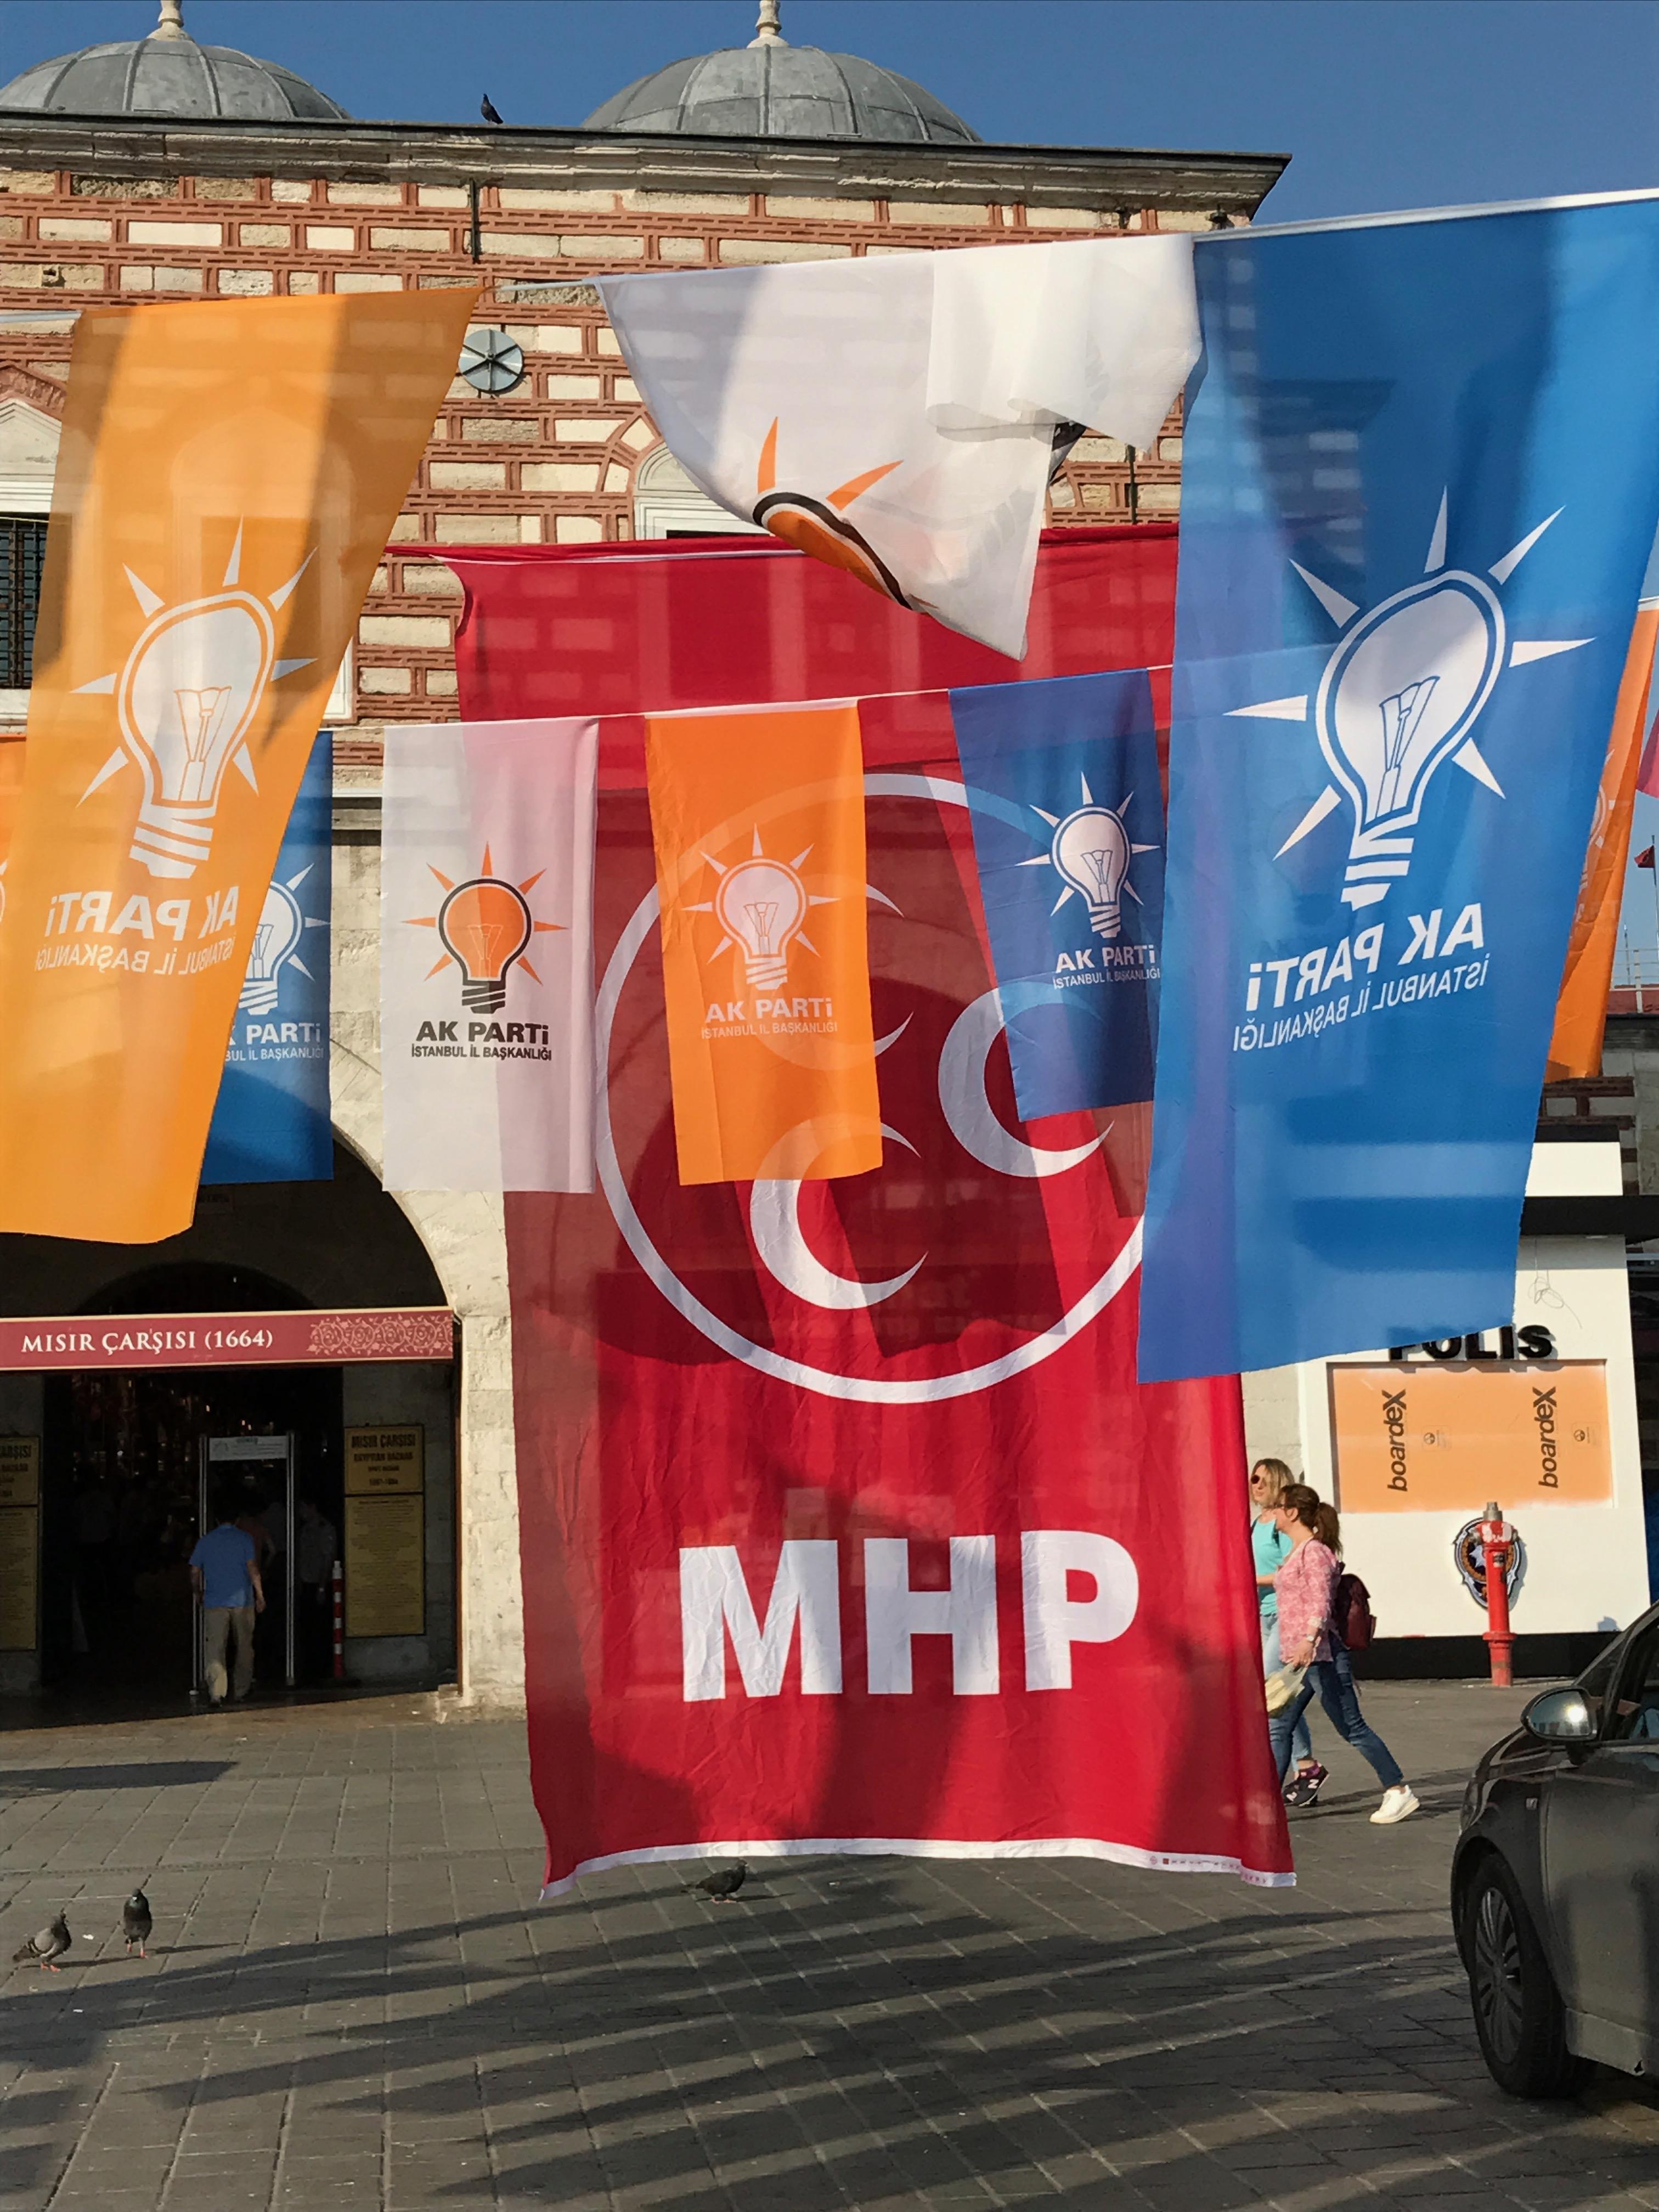 MHP AKP Flags